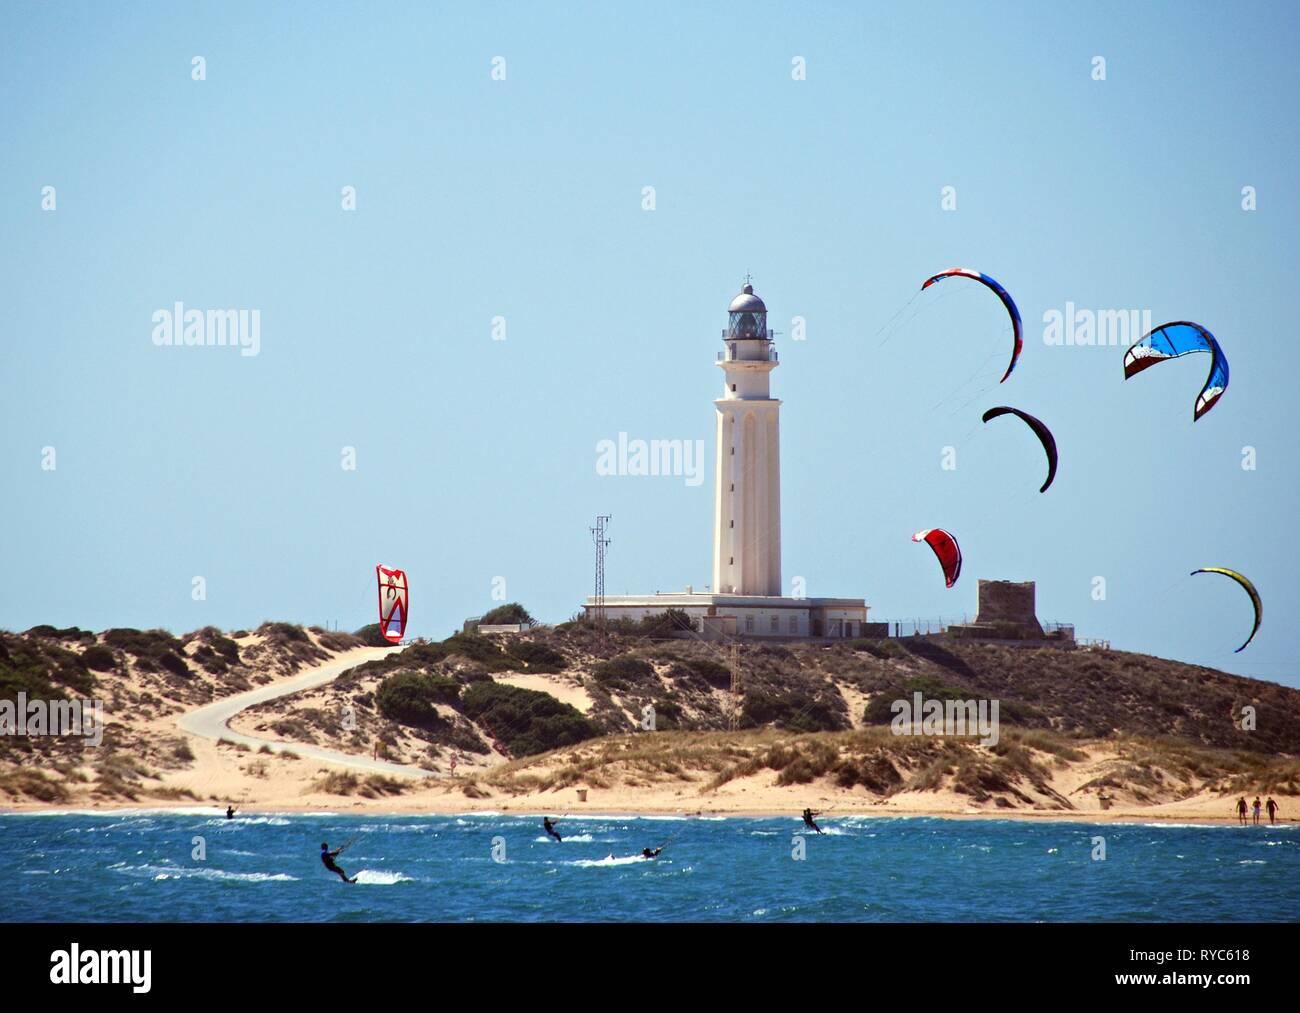 TRAFALGAR, ESPAGNE - 14 septembre 2008 - des kitesurfers et offrant une vue sur la plage et le phare, Cabo Trafalgar, Province de Cadix, Andalousie, Espagne, Banque D'Images